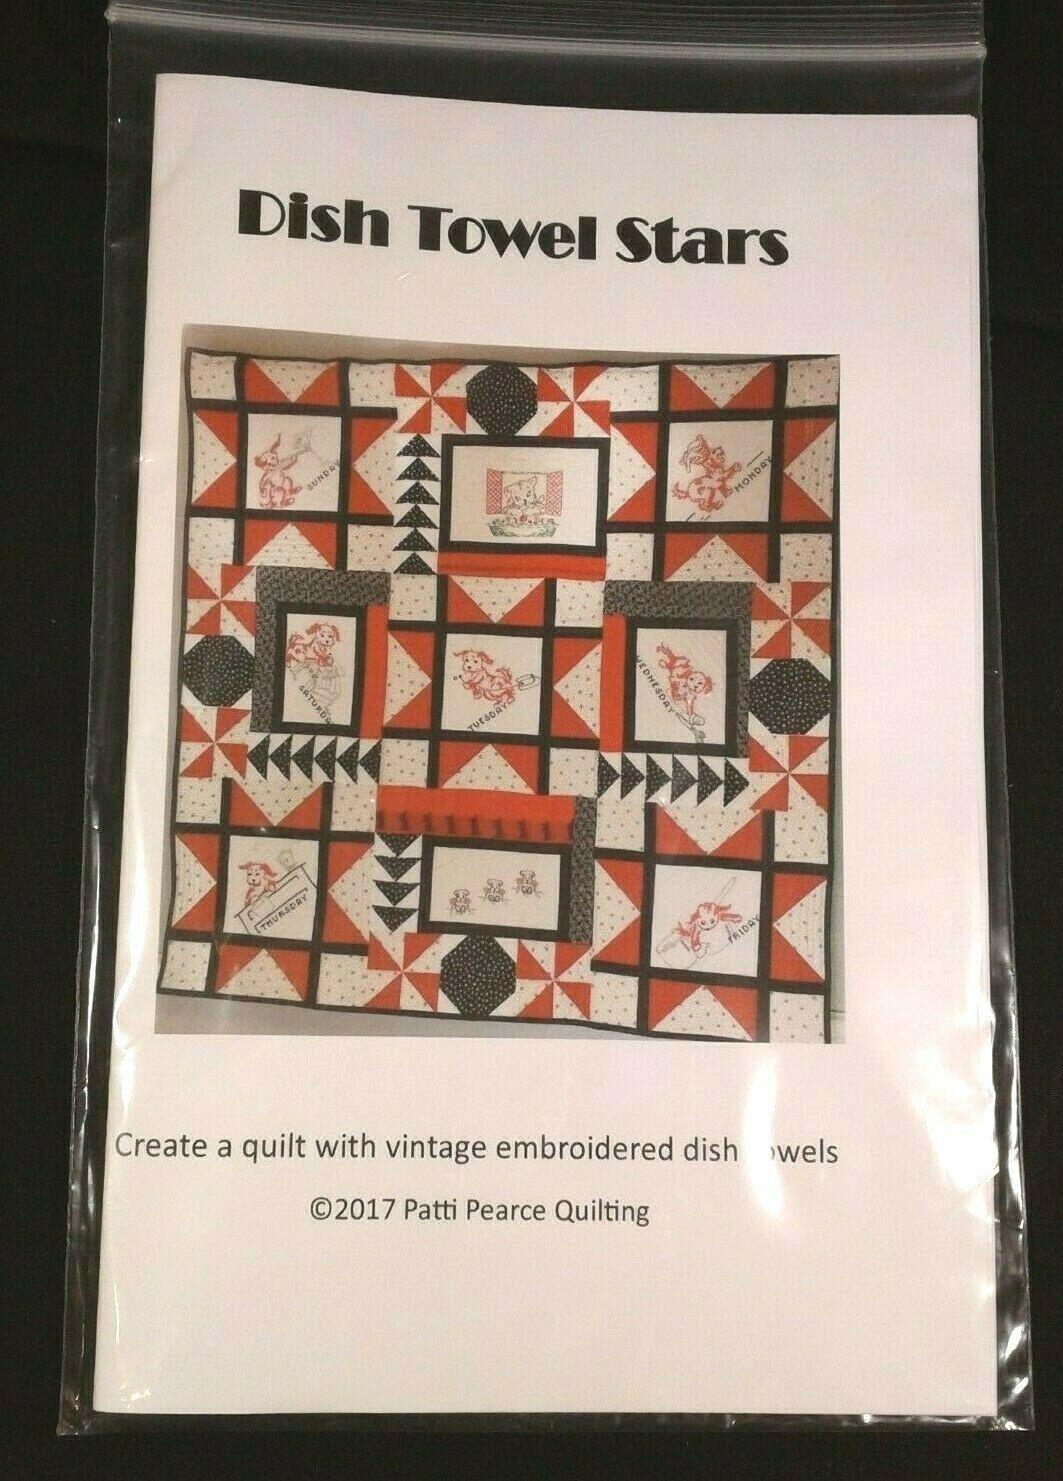 DISH TOWEL STARS PATTERN